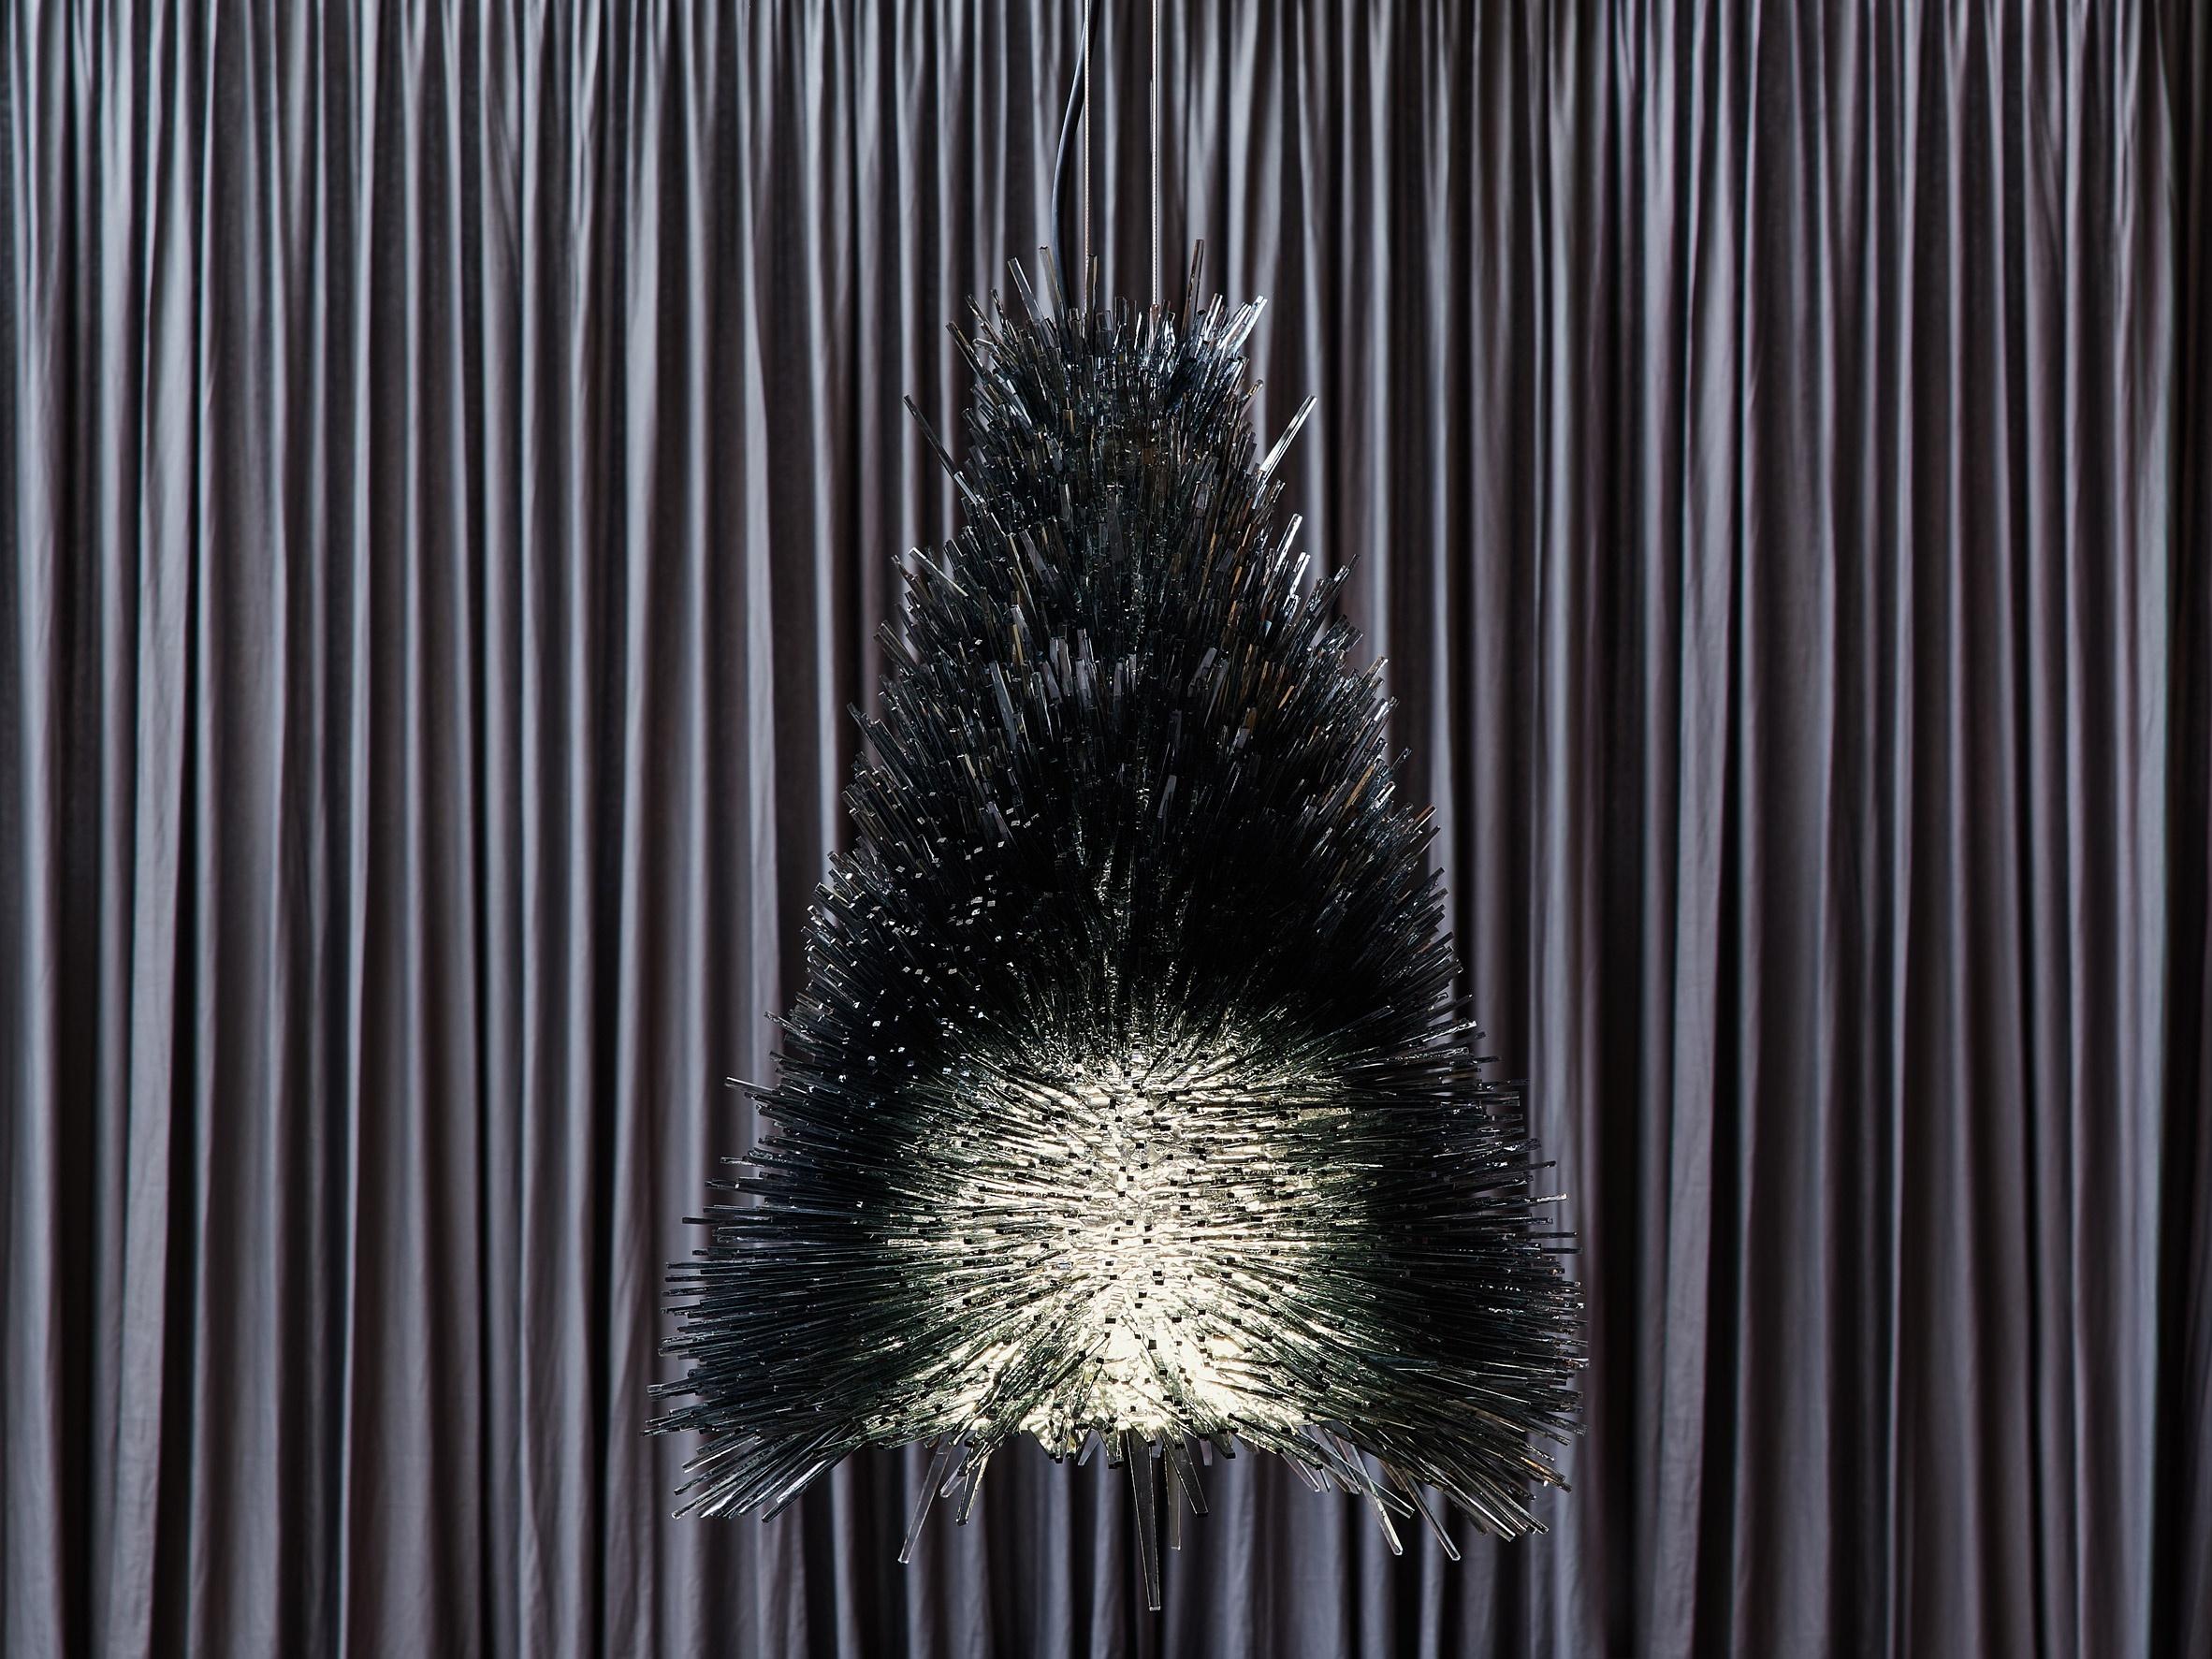 broached-monsters-trent-jensen-design-furniture-chairs_dezeen_2364_col_2_01